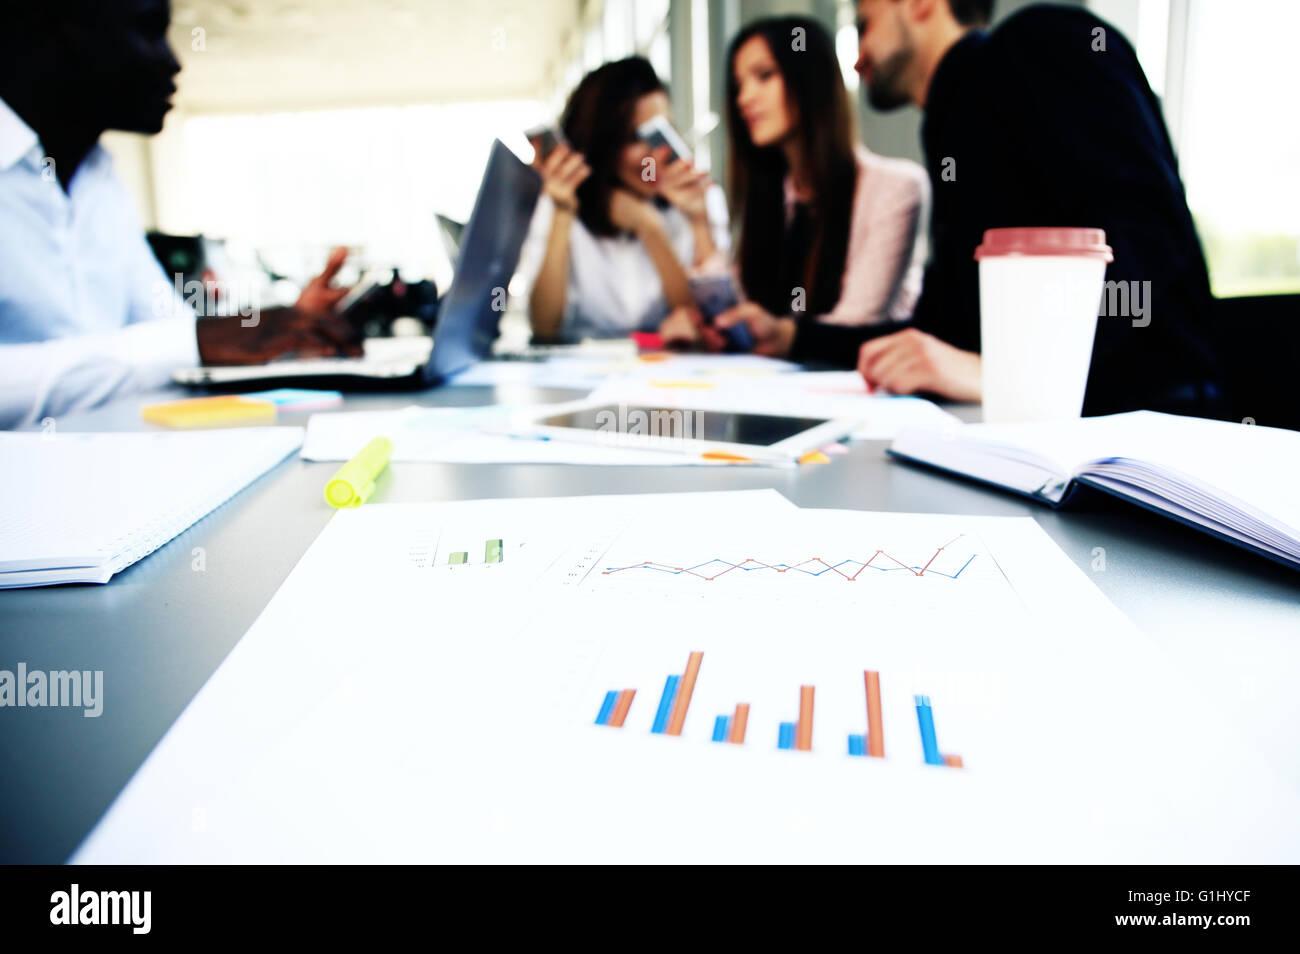 Document de travail au stylo et partenaires d'affaires et de réseautage sur l'arrière-plan Banque D'Images